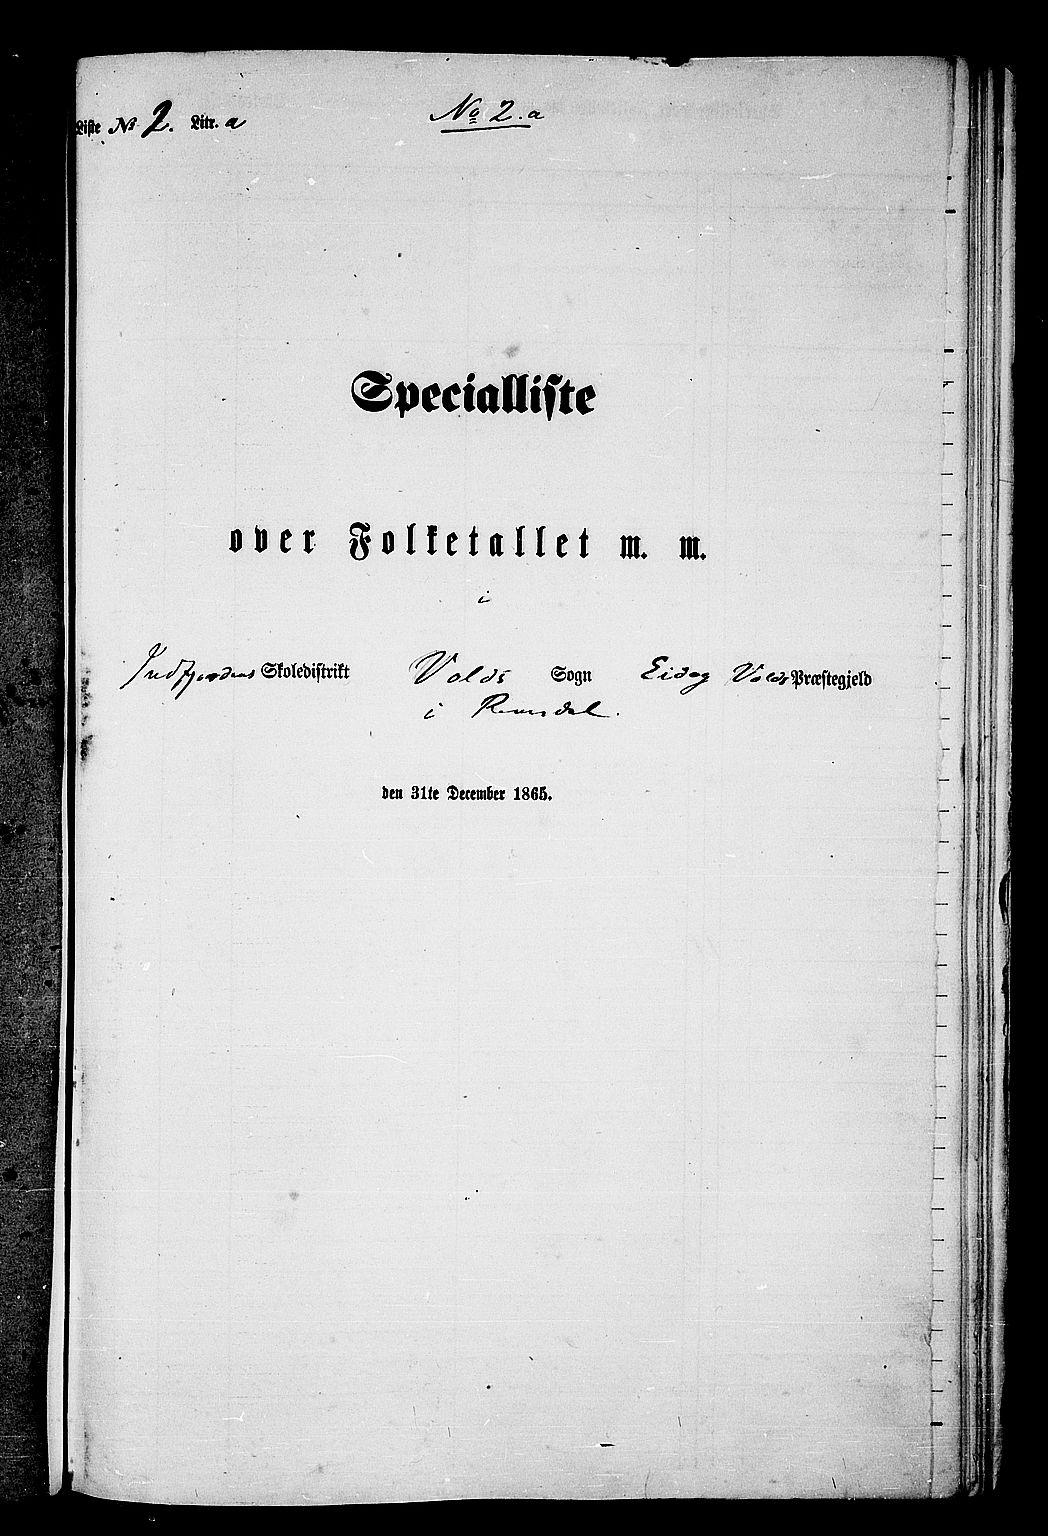 RA, Folketelling 1865 for 1537P Eid og Vold prestegjeld, 1865, s. 31